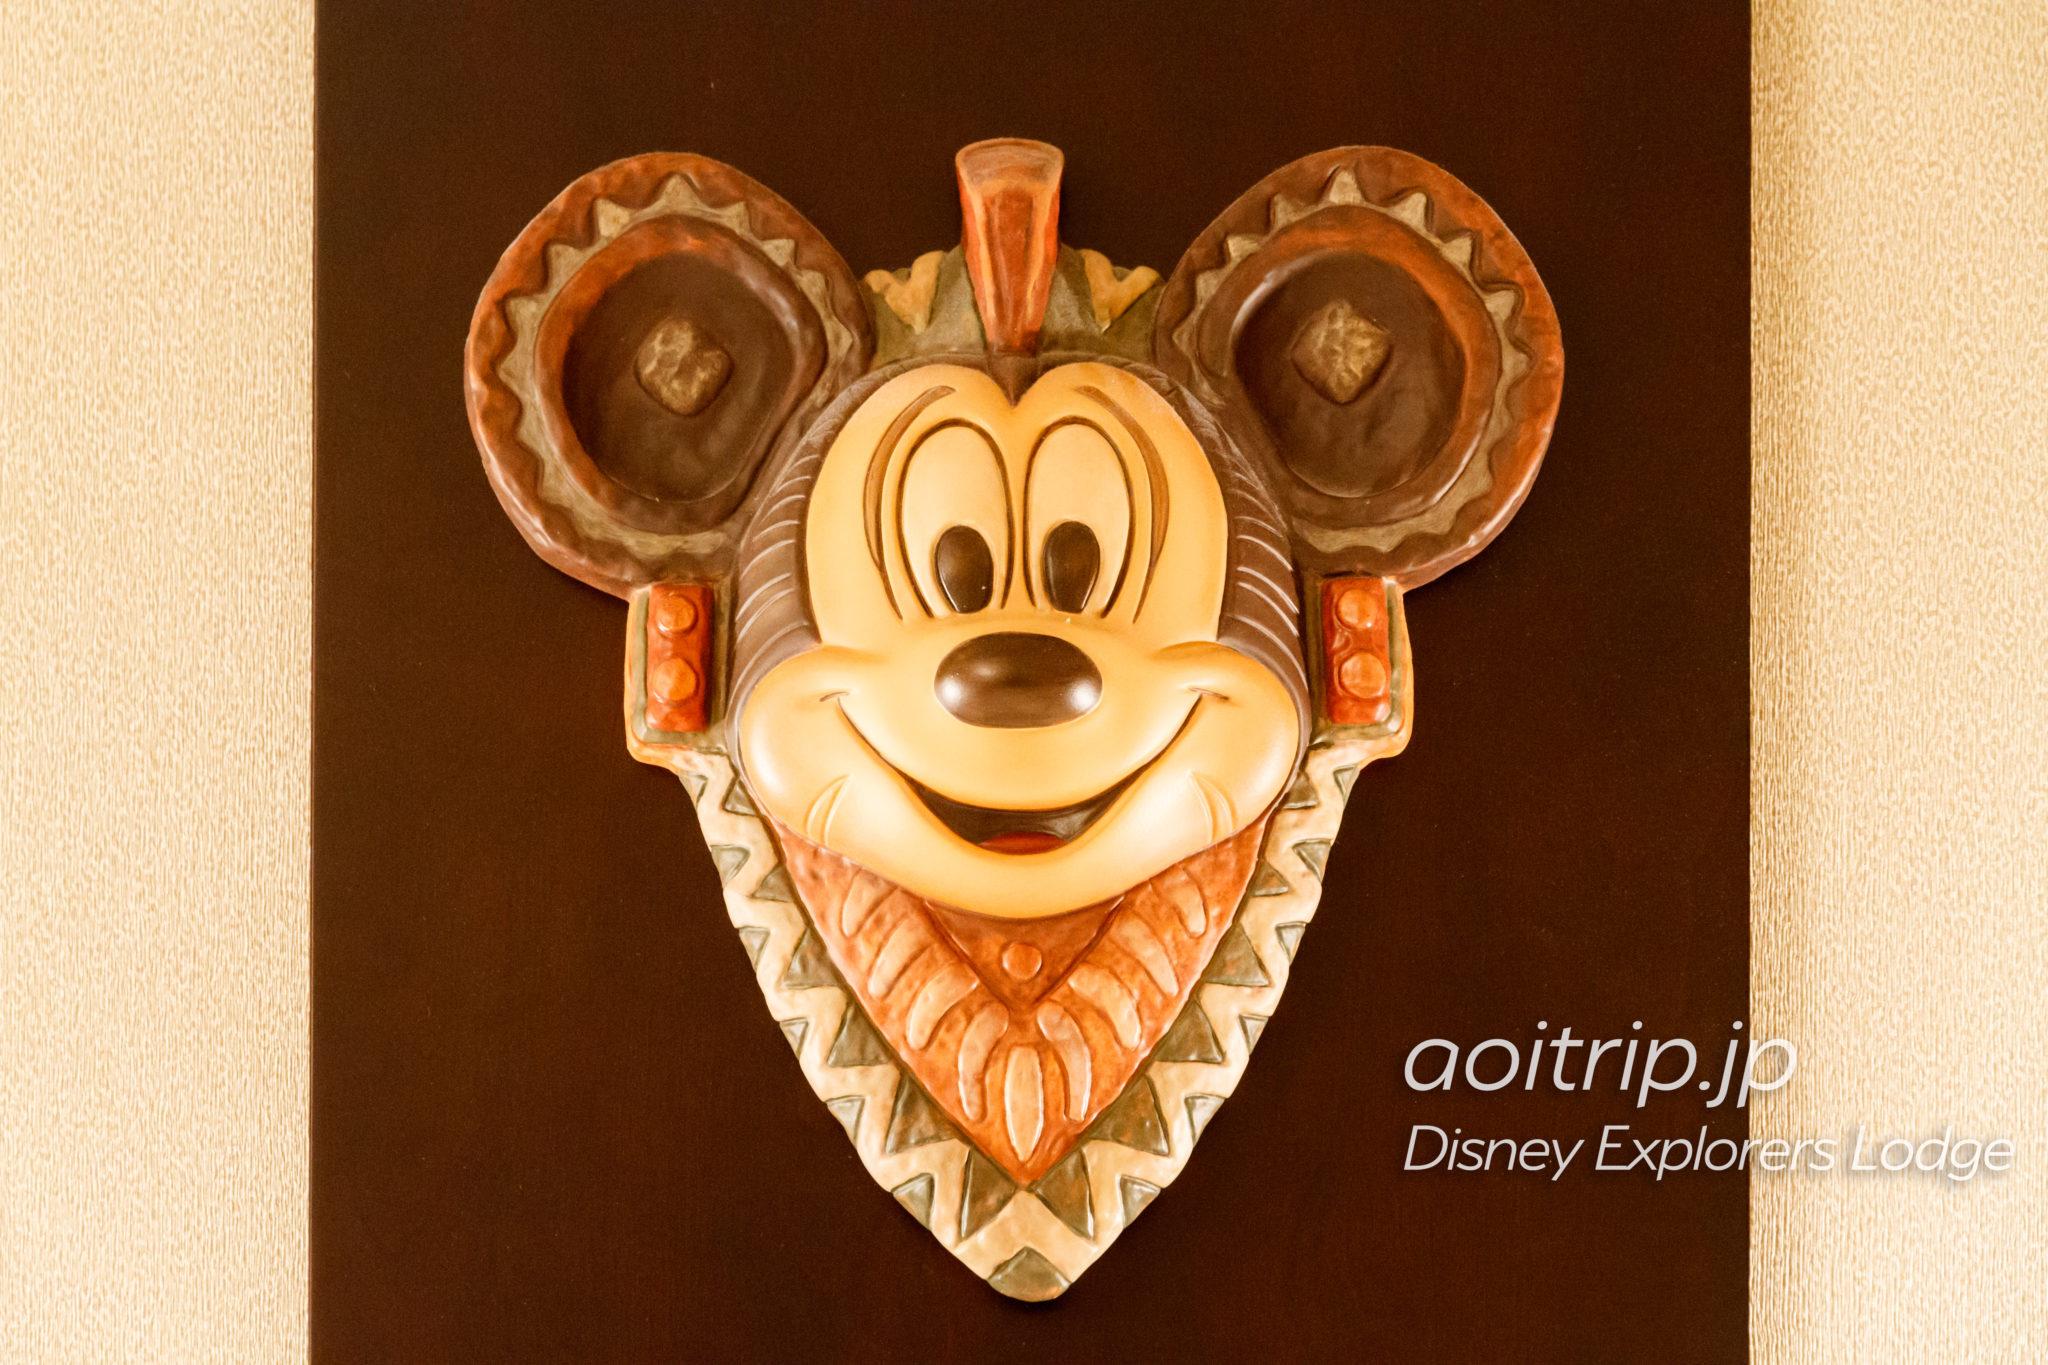 ディズニーエクスプローラーズロッジ ミッキーマウスのお面